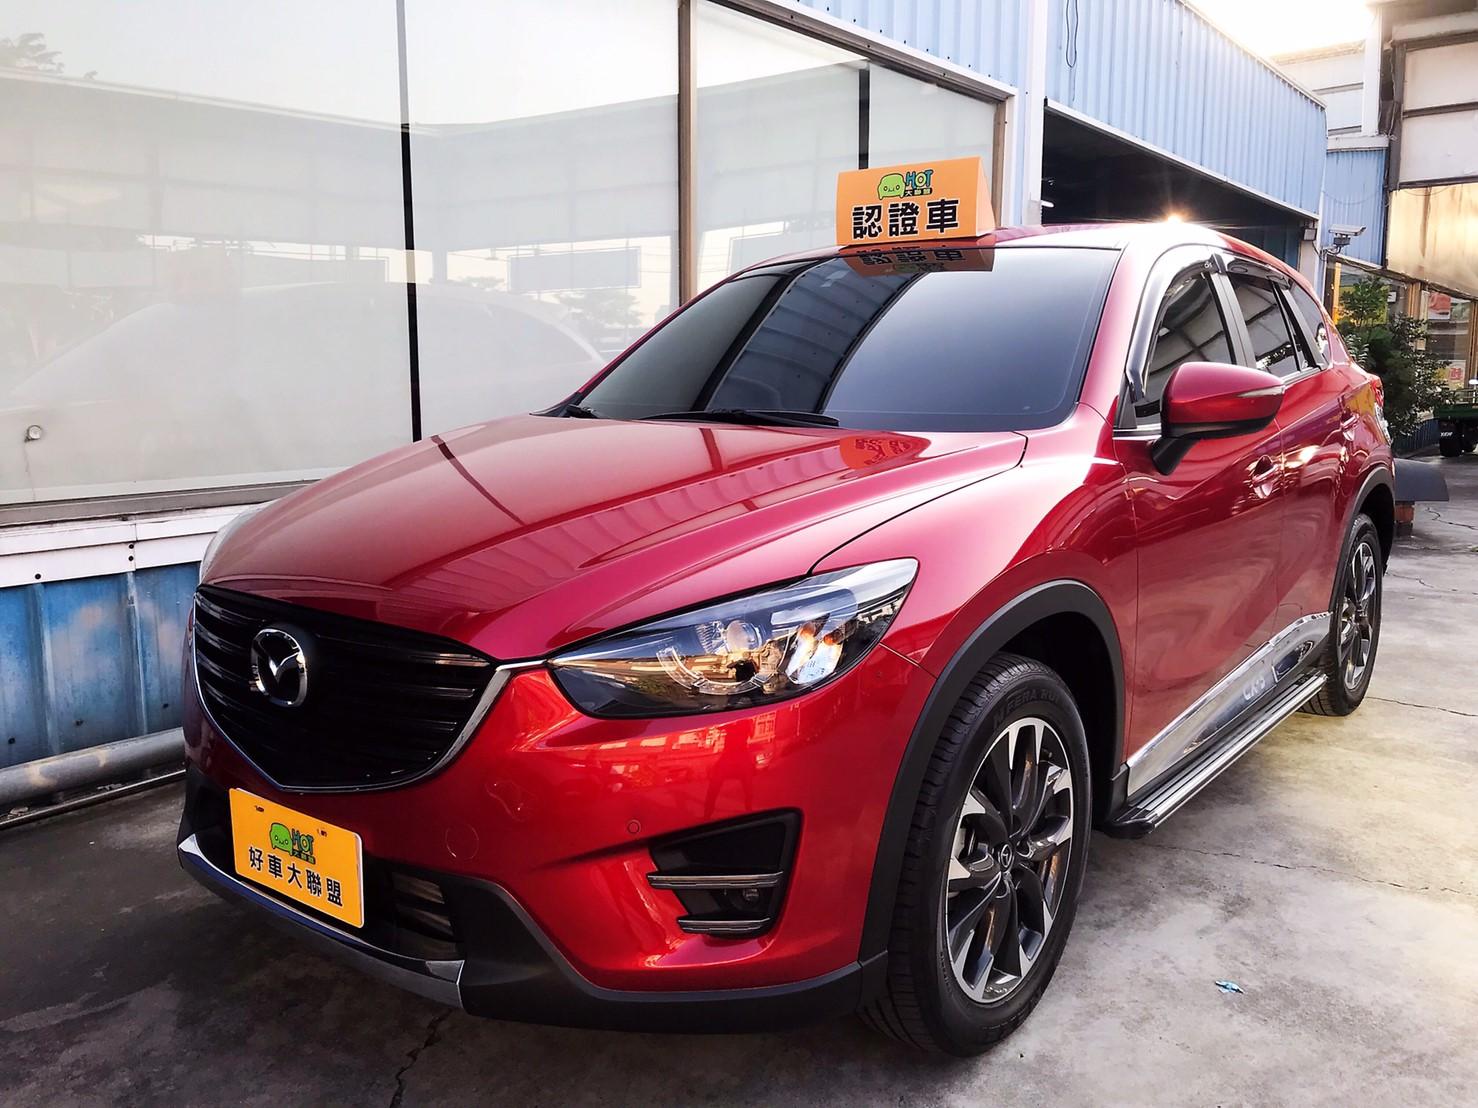 2016 Mazda 馬自達 Cx-5